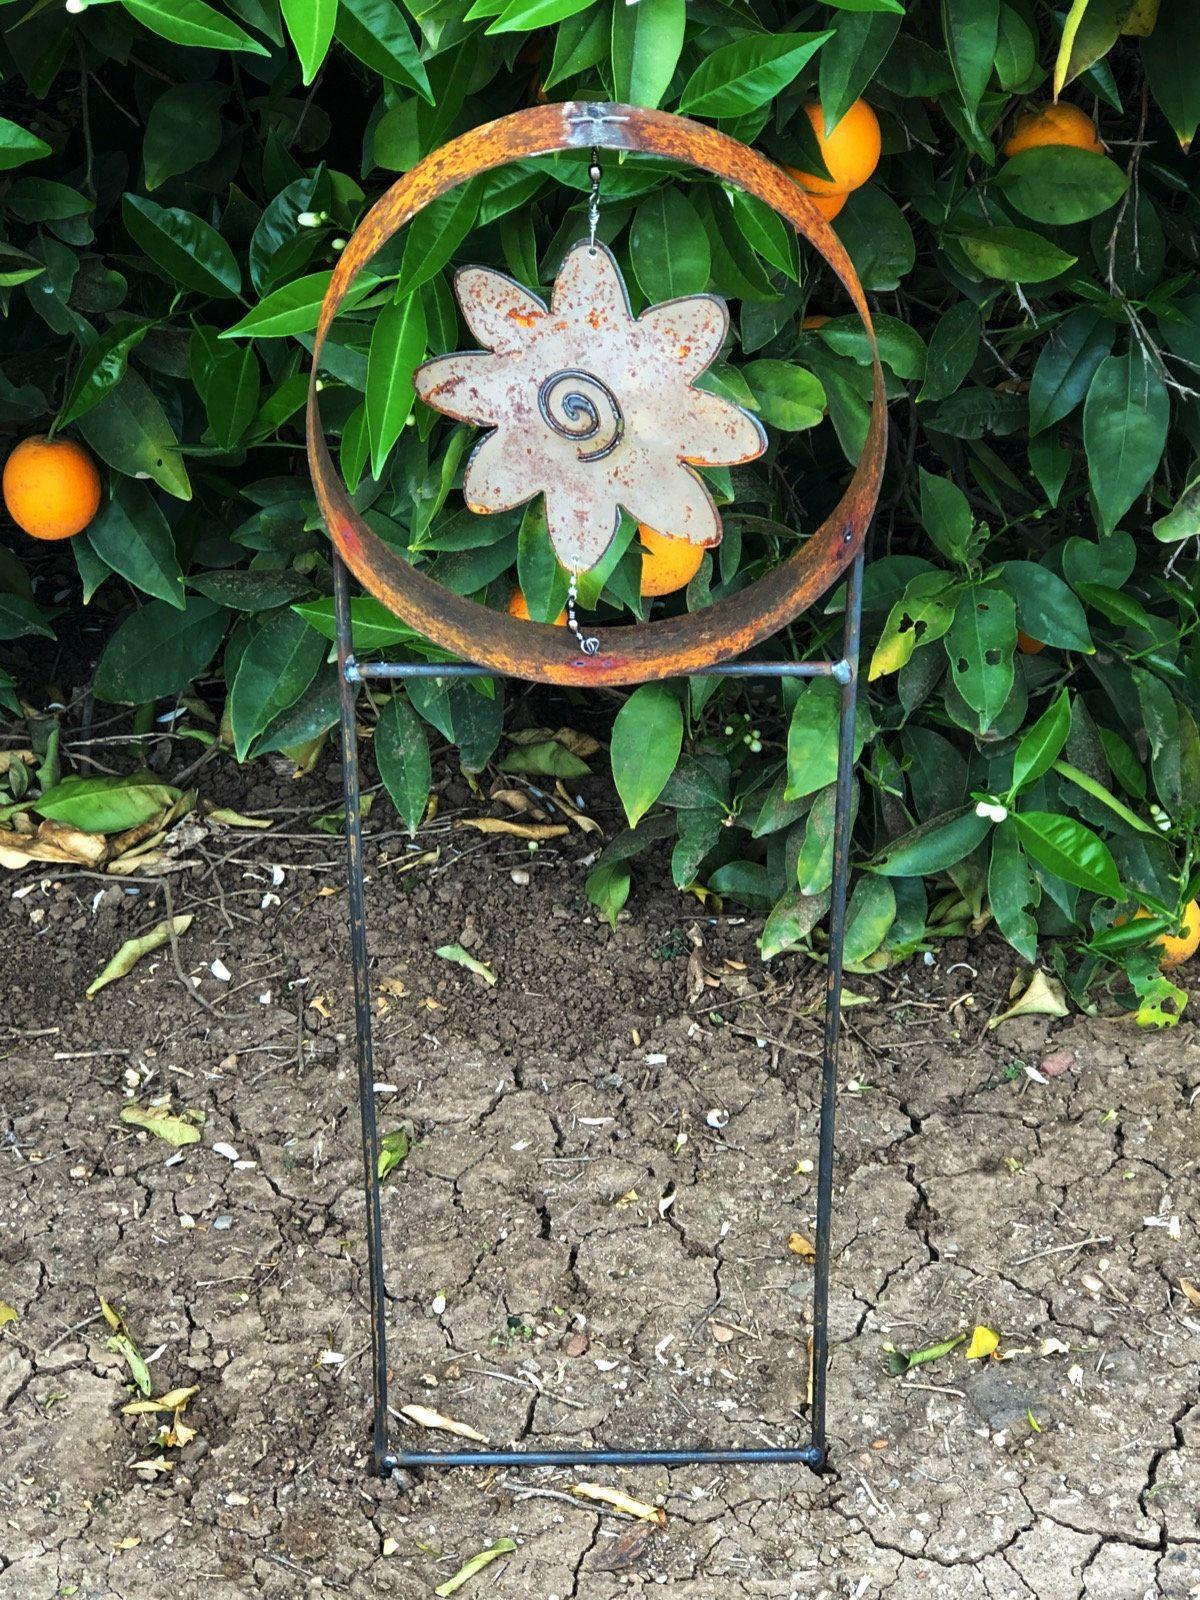 Rusty Metal Garden Decor Rustic Metal Flower Sculpture Yard